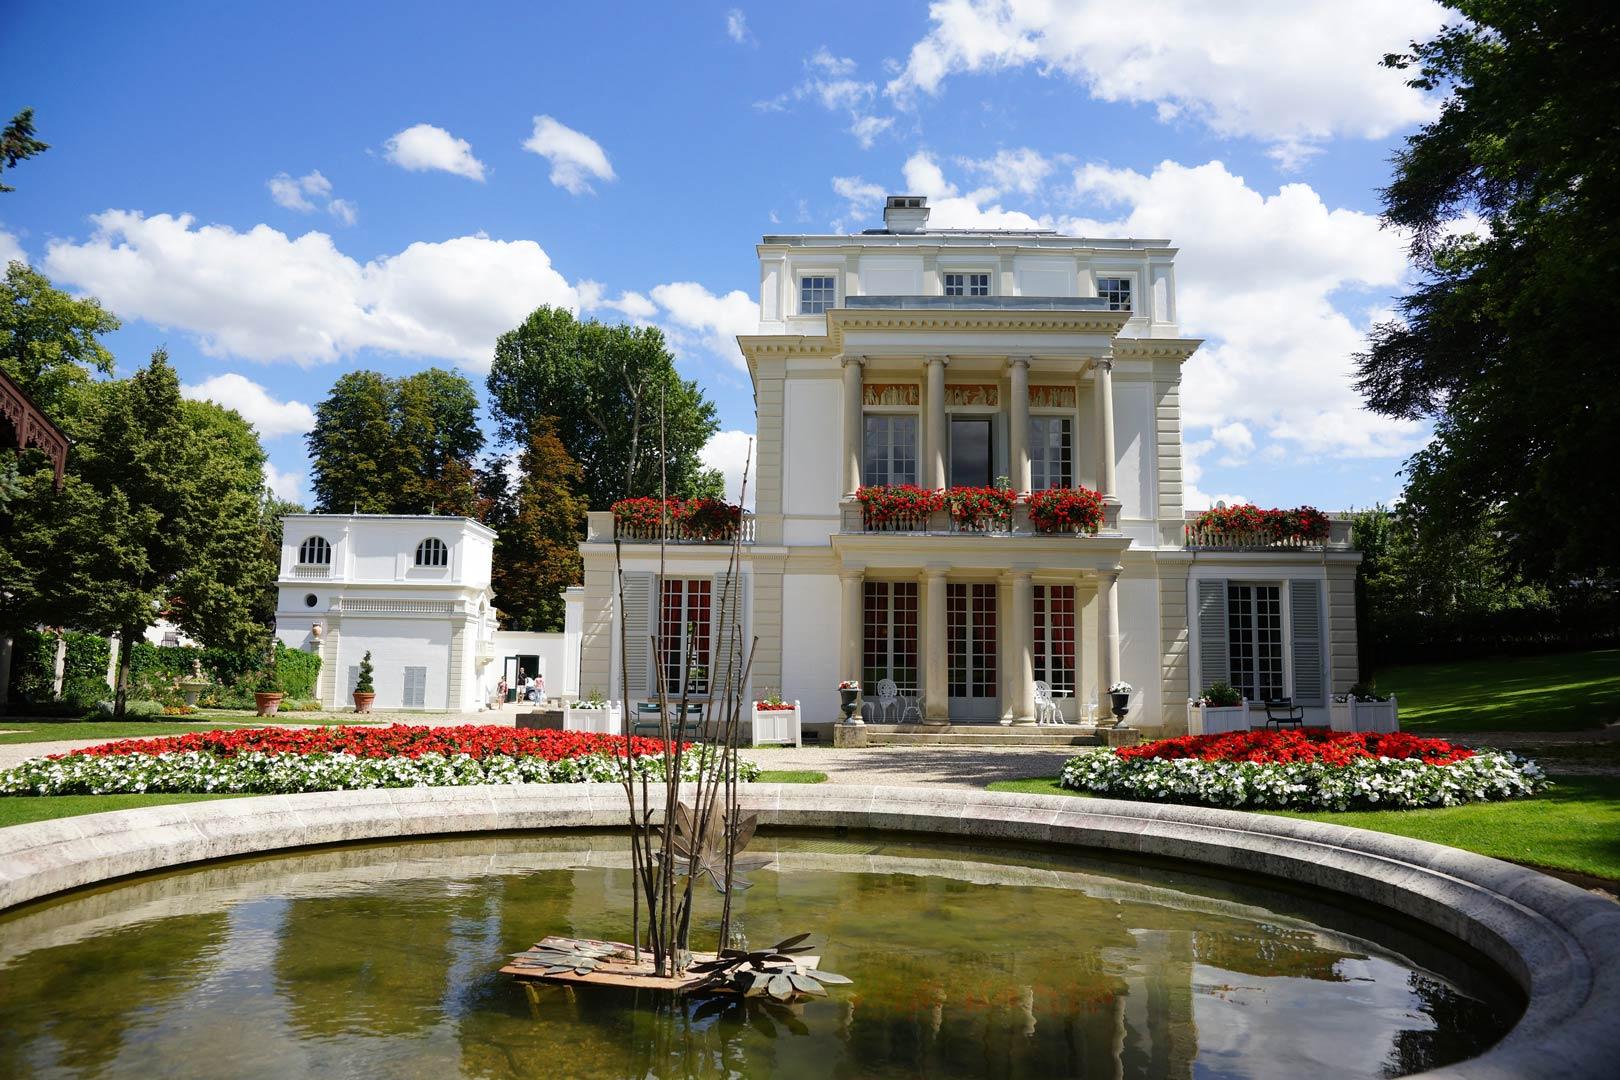 5 lieux visiter proches de paris for Parc yvelines visiter